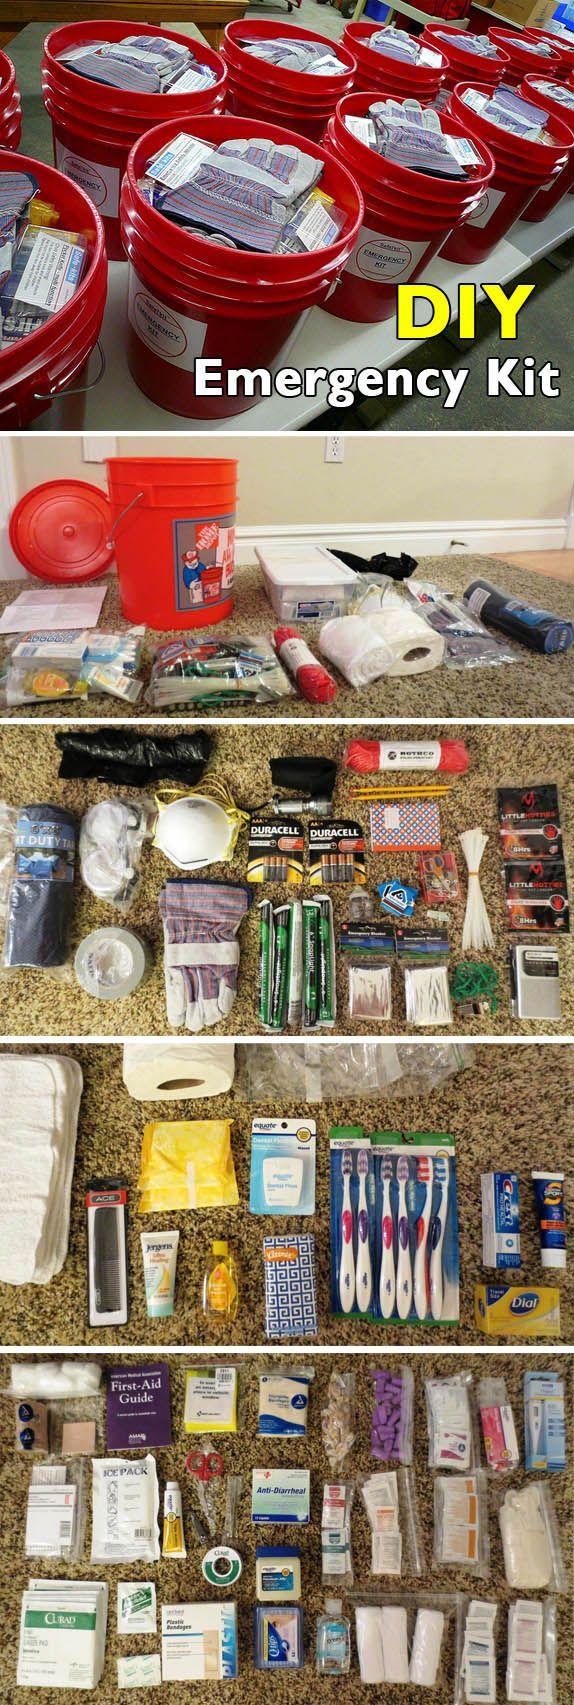 DIY  5 Gallon Bucket Emergency Kit    http://fivegallonideas.com/emergency-kit/